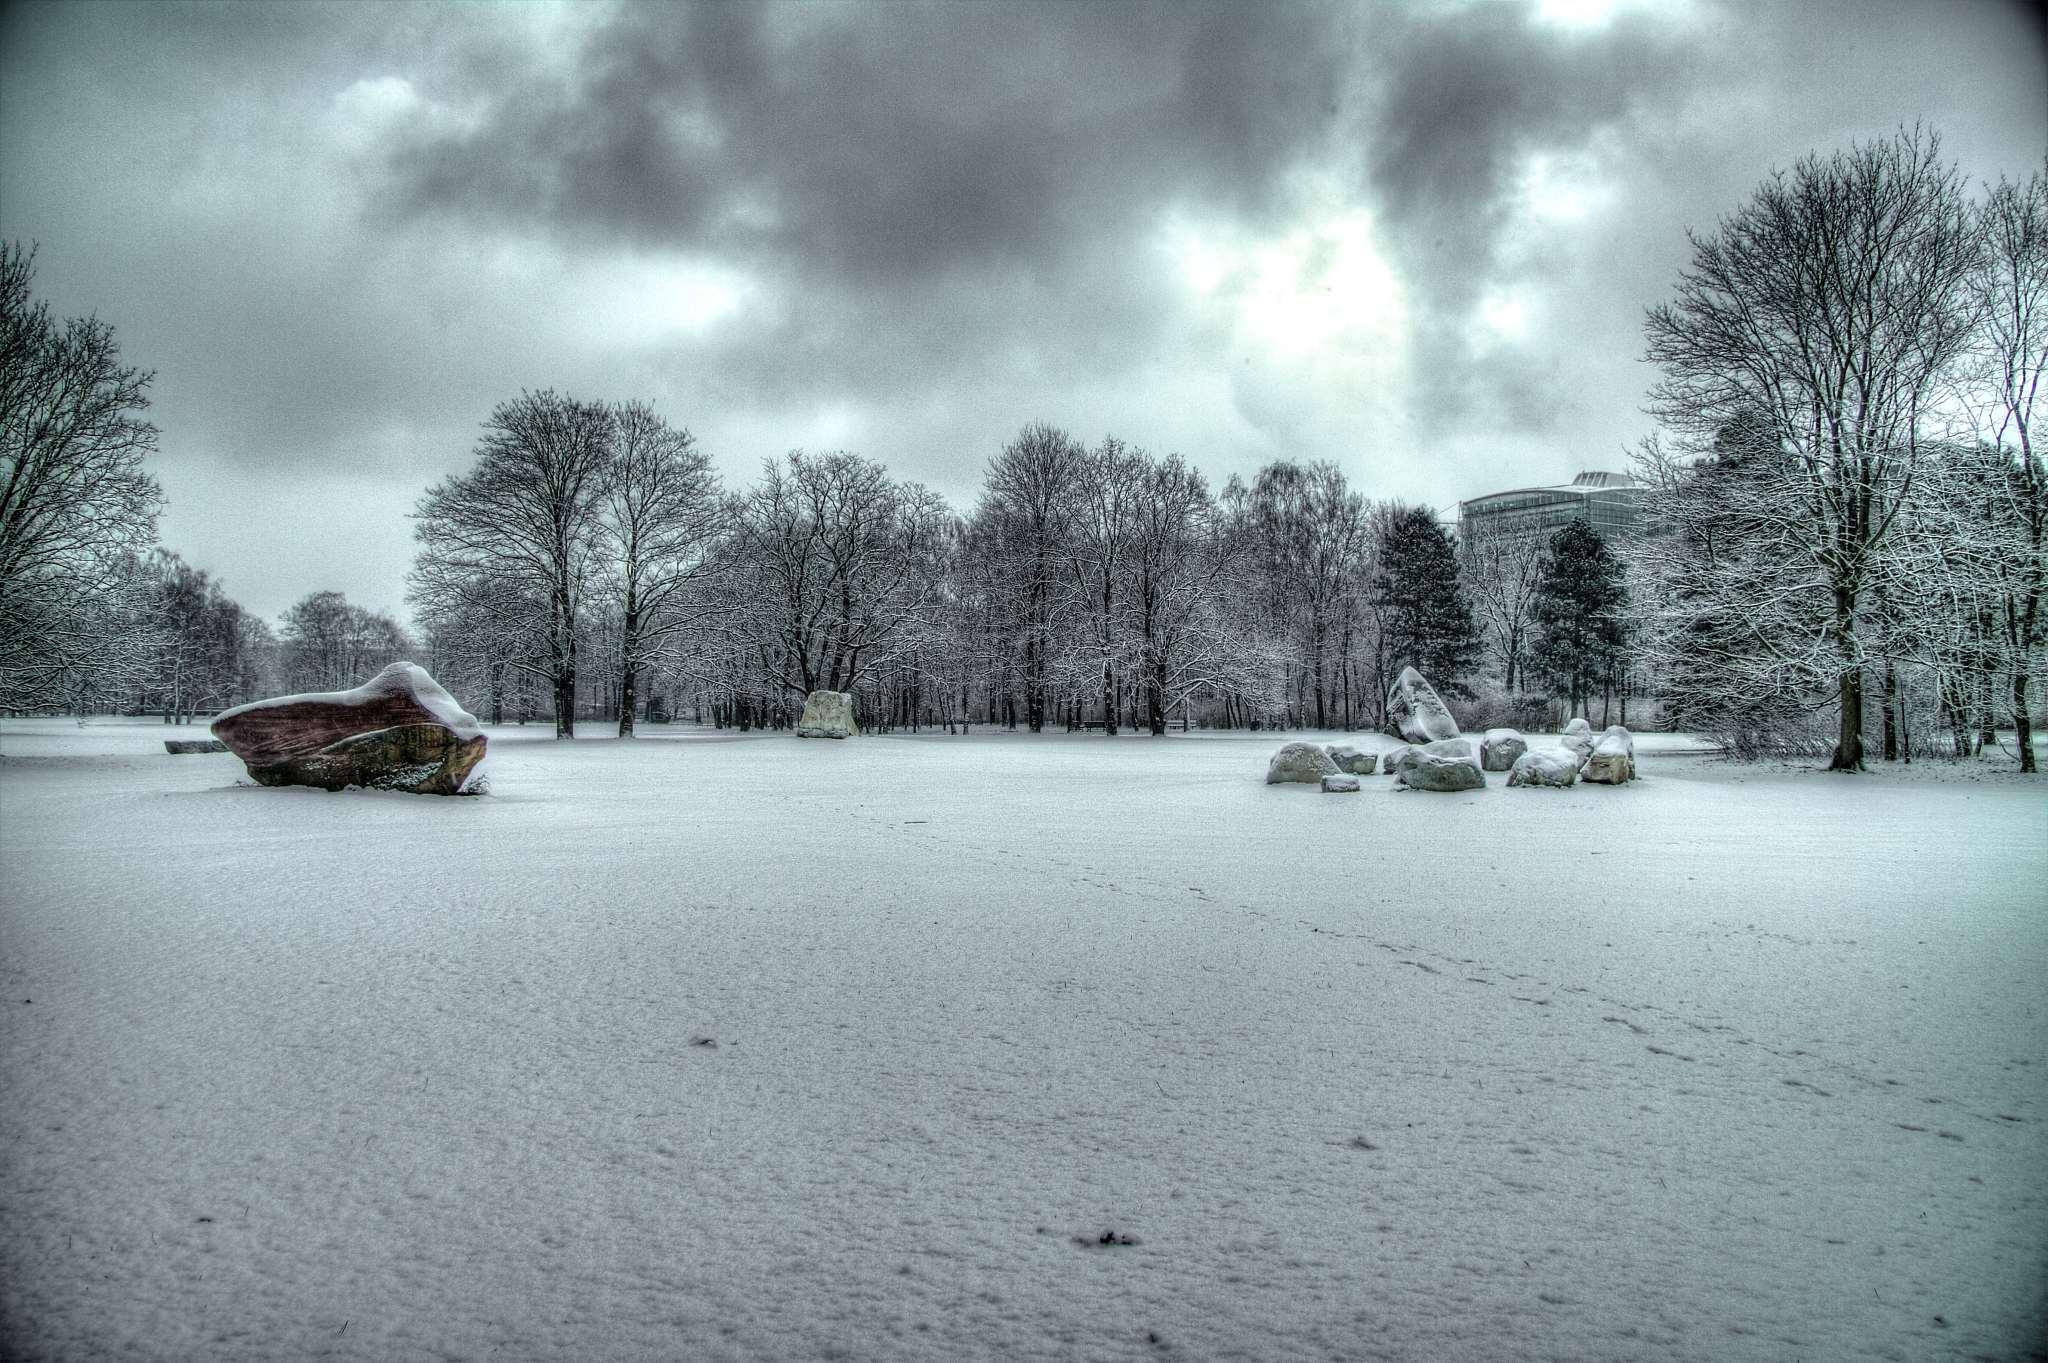 Tiergarten ice